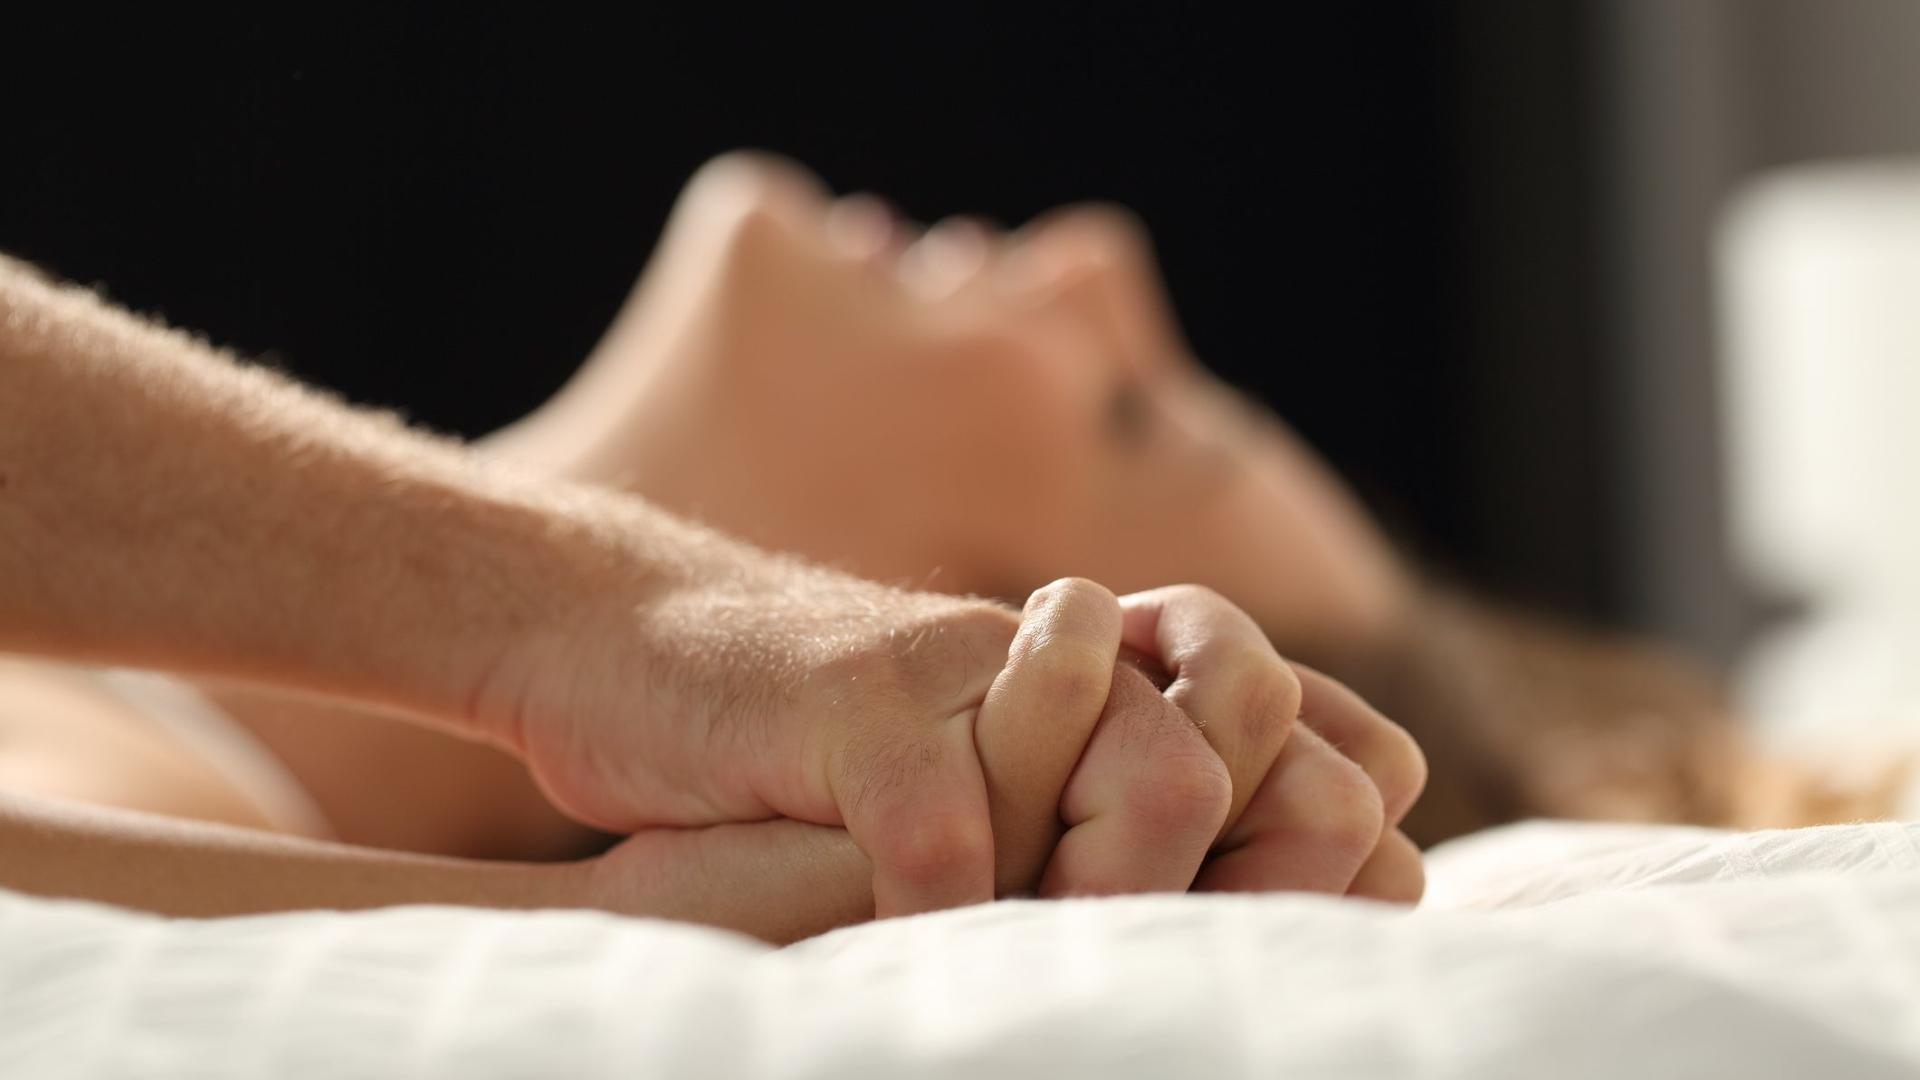 В лечении некоторых заболеваний секс помогает не хуже разрекламированных таблеток